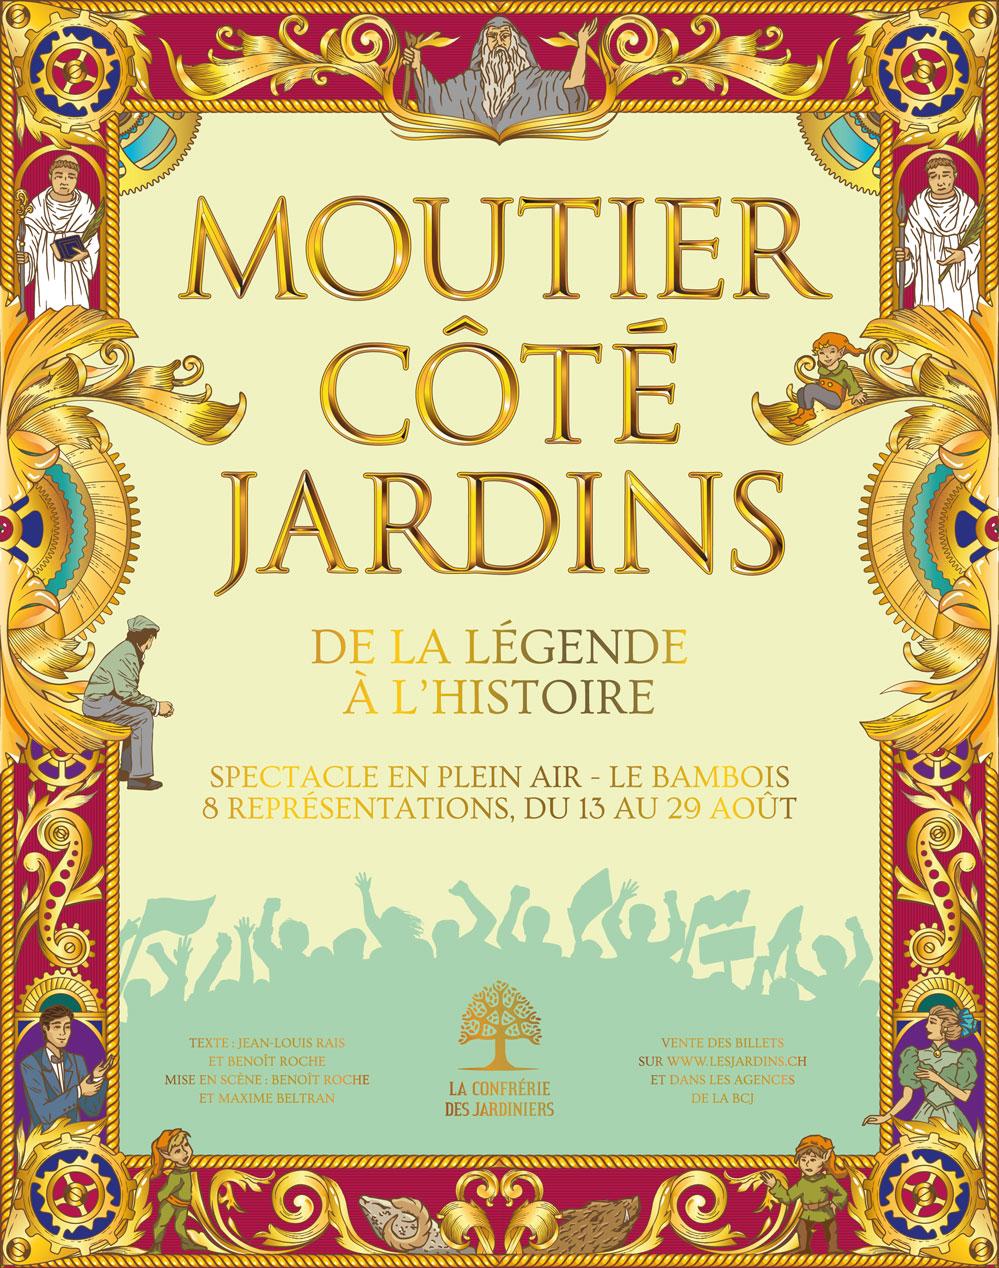 Affiche-Confrerie-Jardiniers-Delemont-Moutier-Jardins-2021